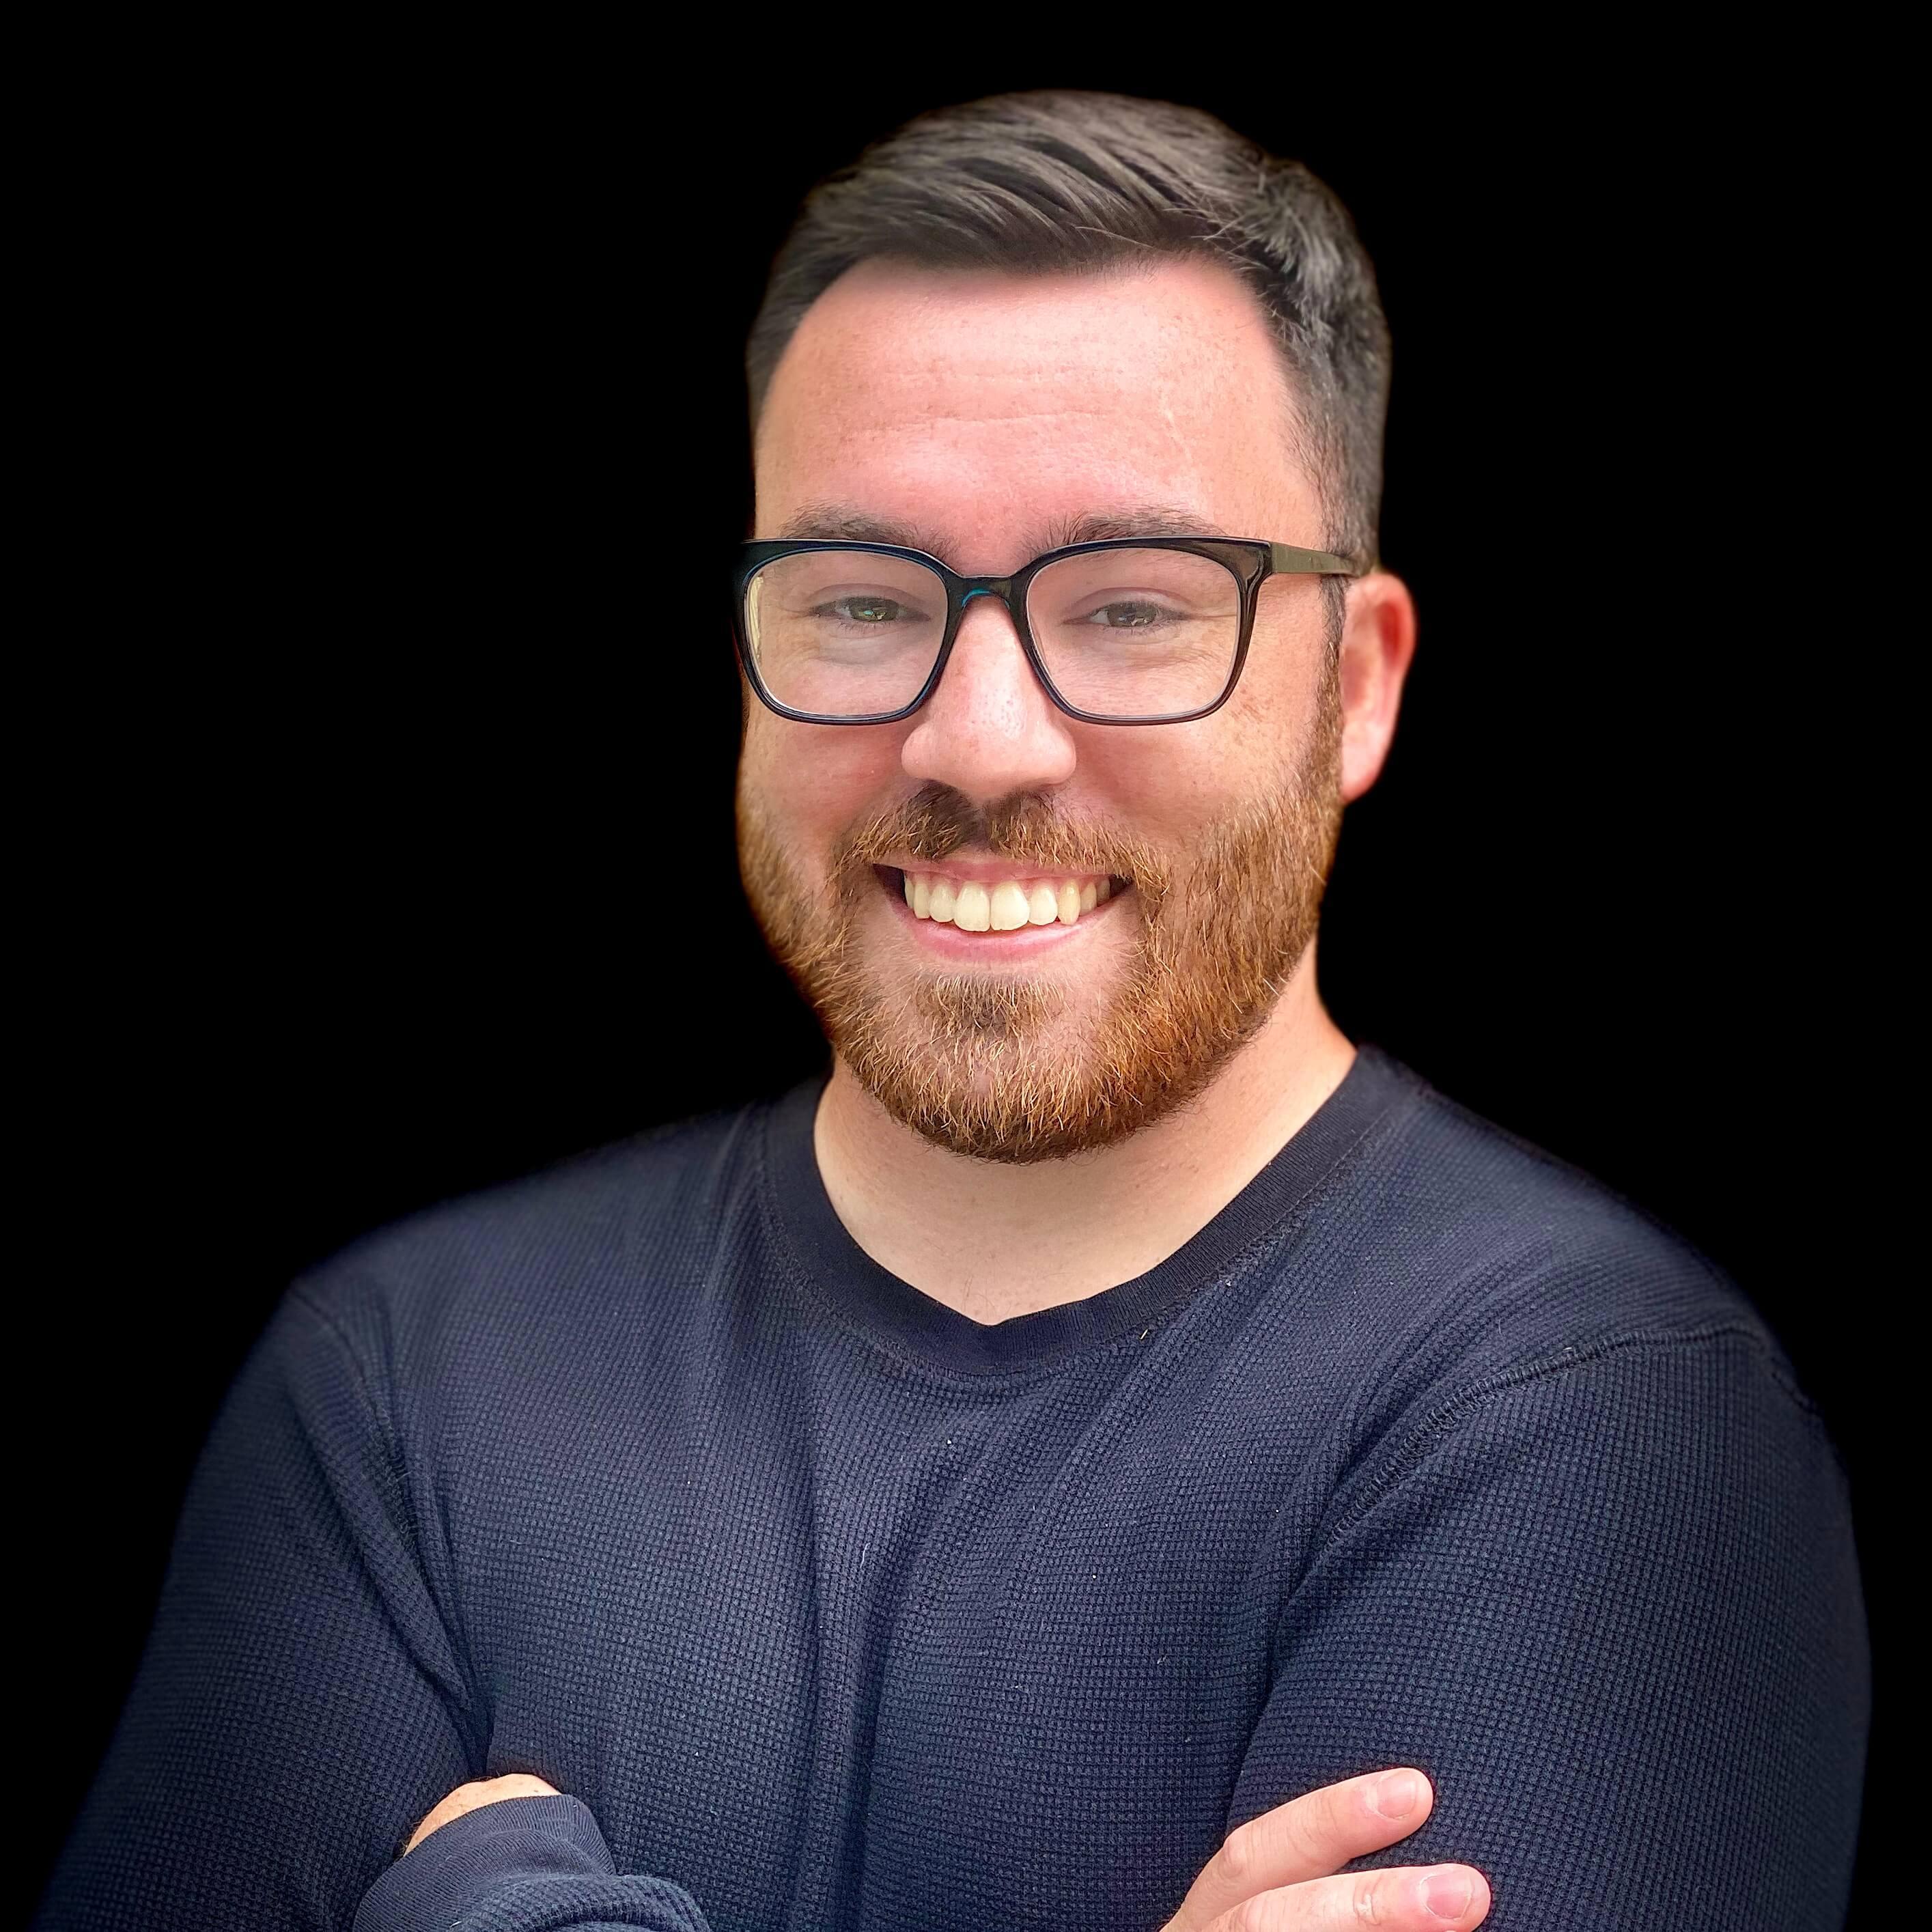 Joe Michalowski